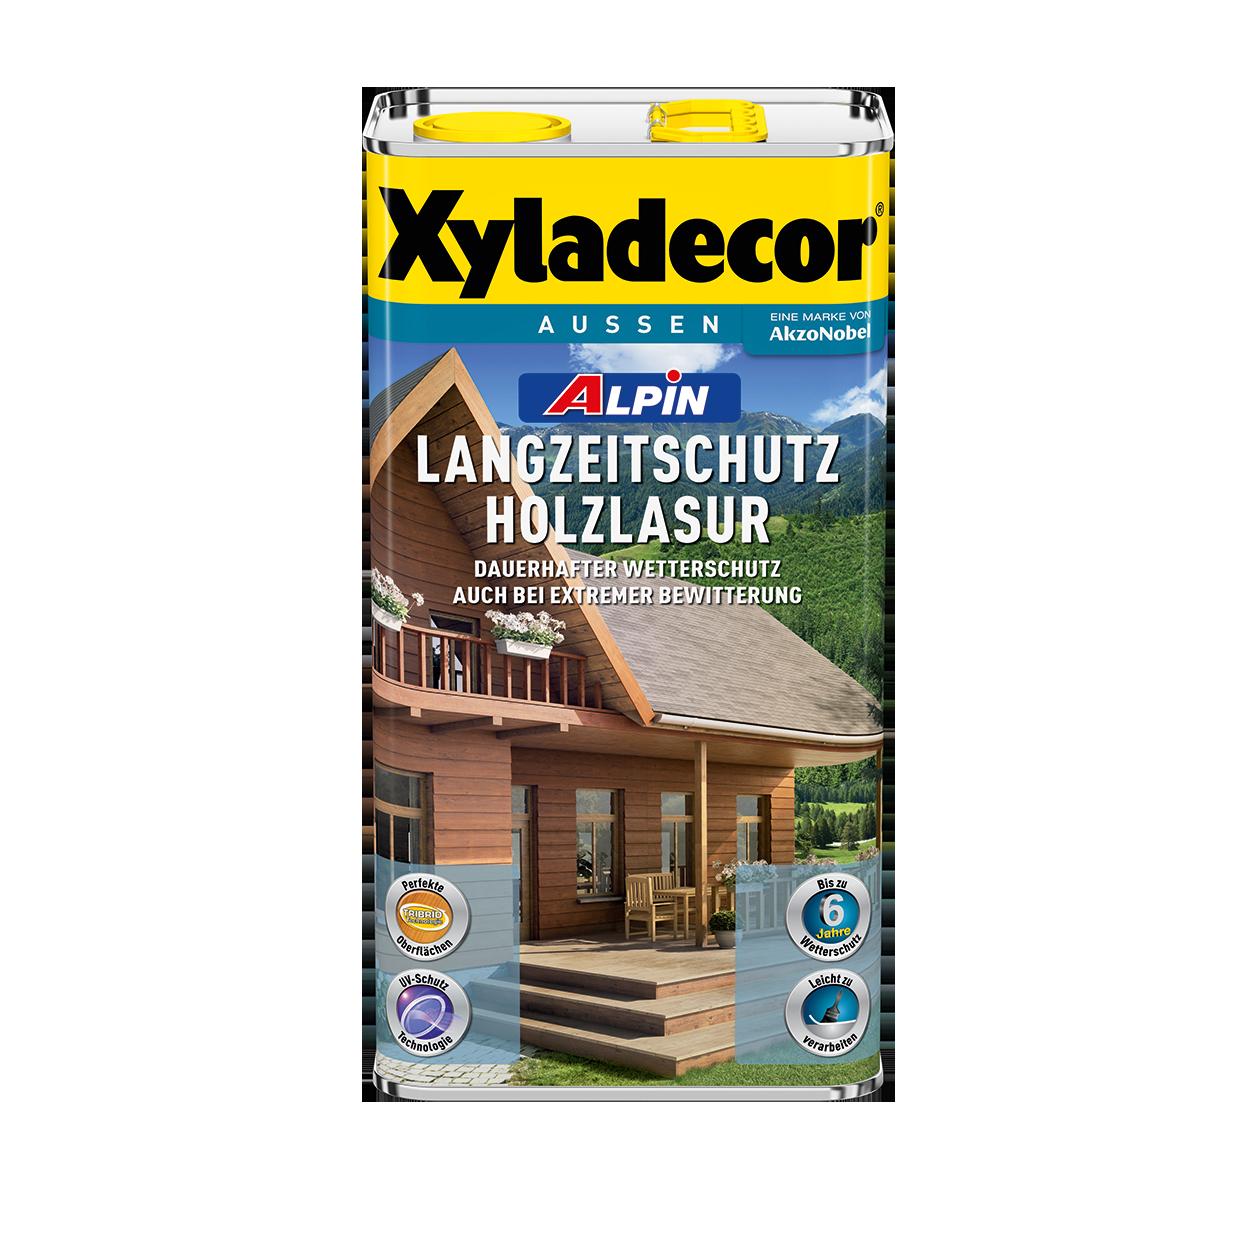 Xyladecor Alpin Langzeitschutz Holzlasur